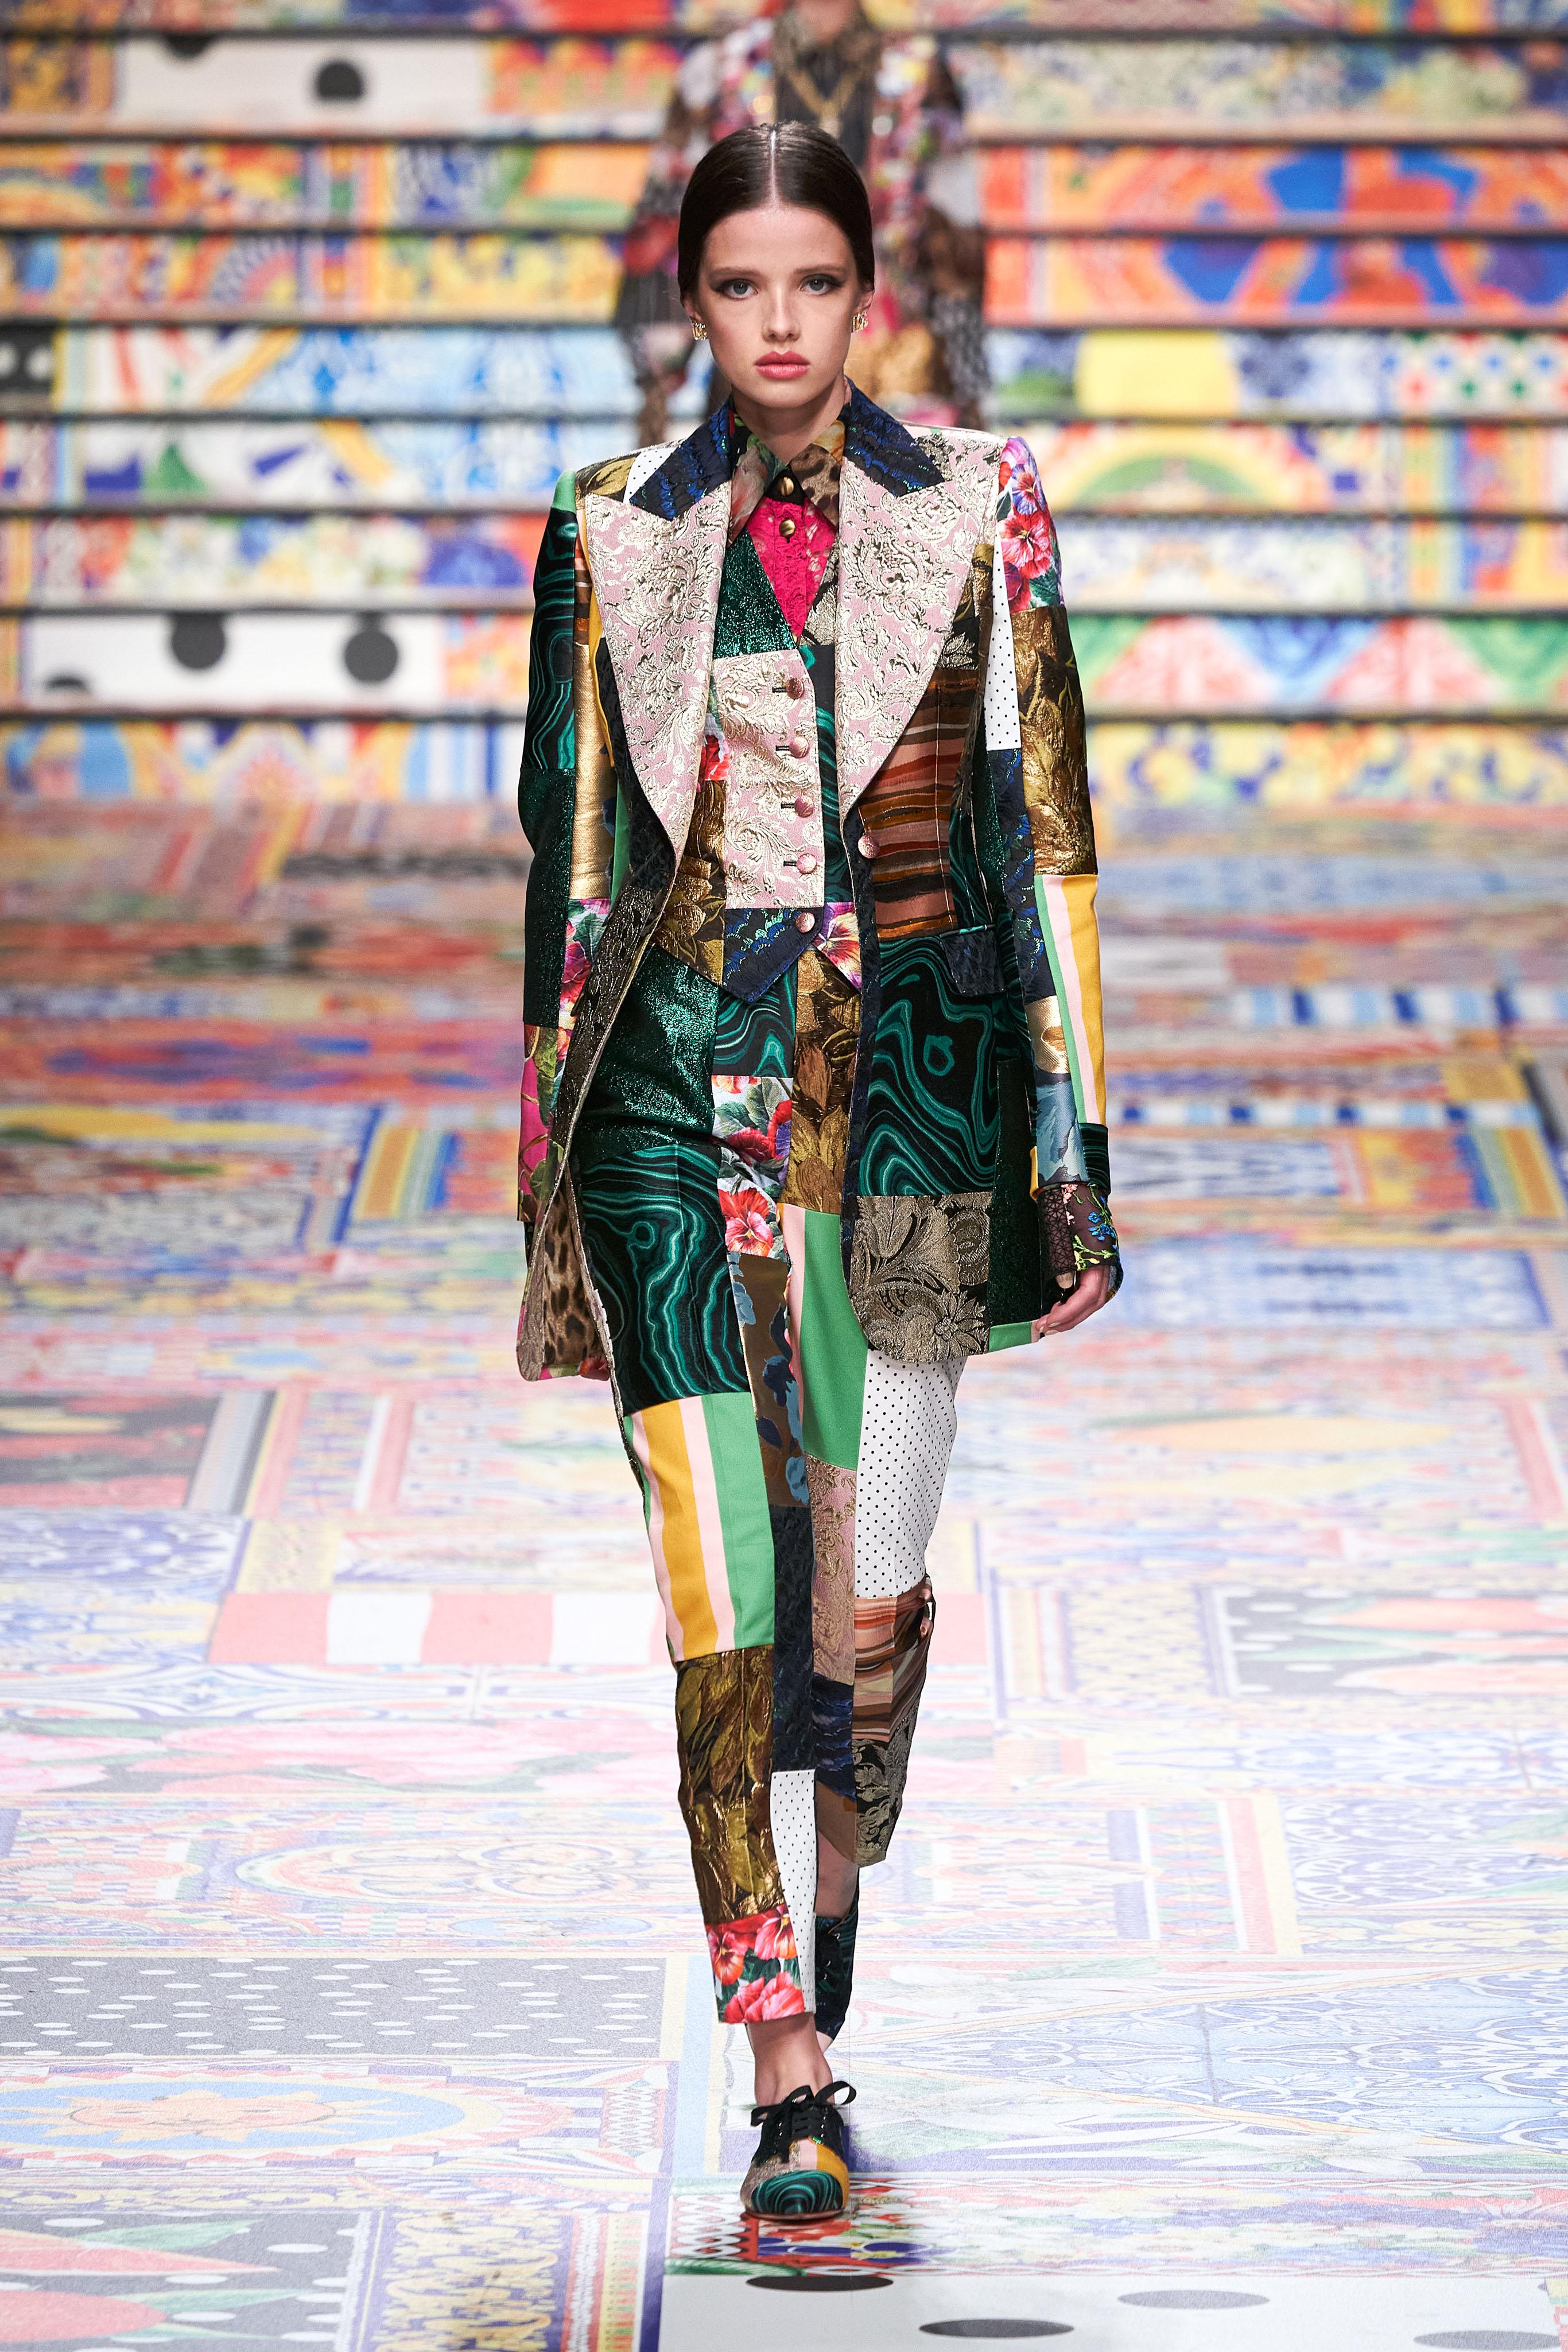 أجواء مدينة صقليى المبهجة تسيطر على عروض Dolce & Gabbana